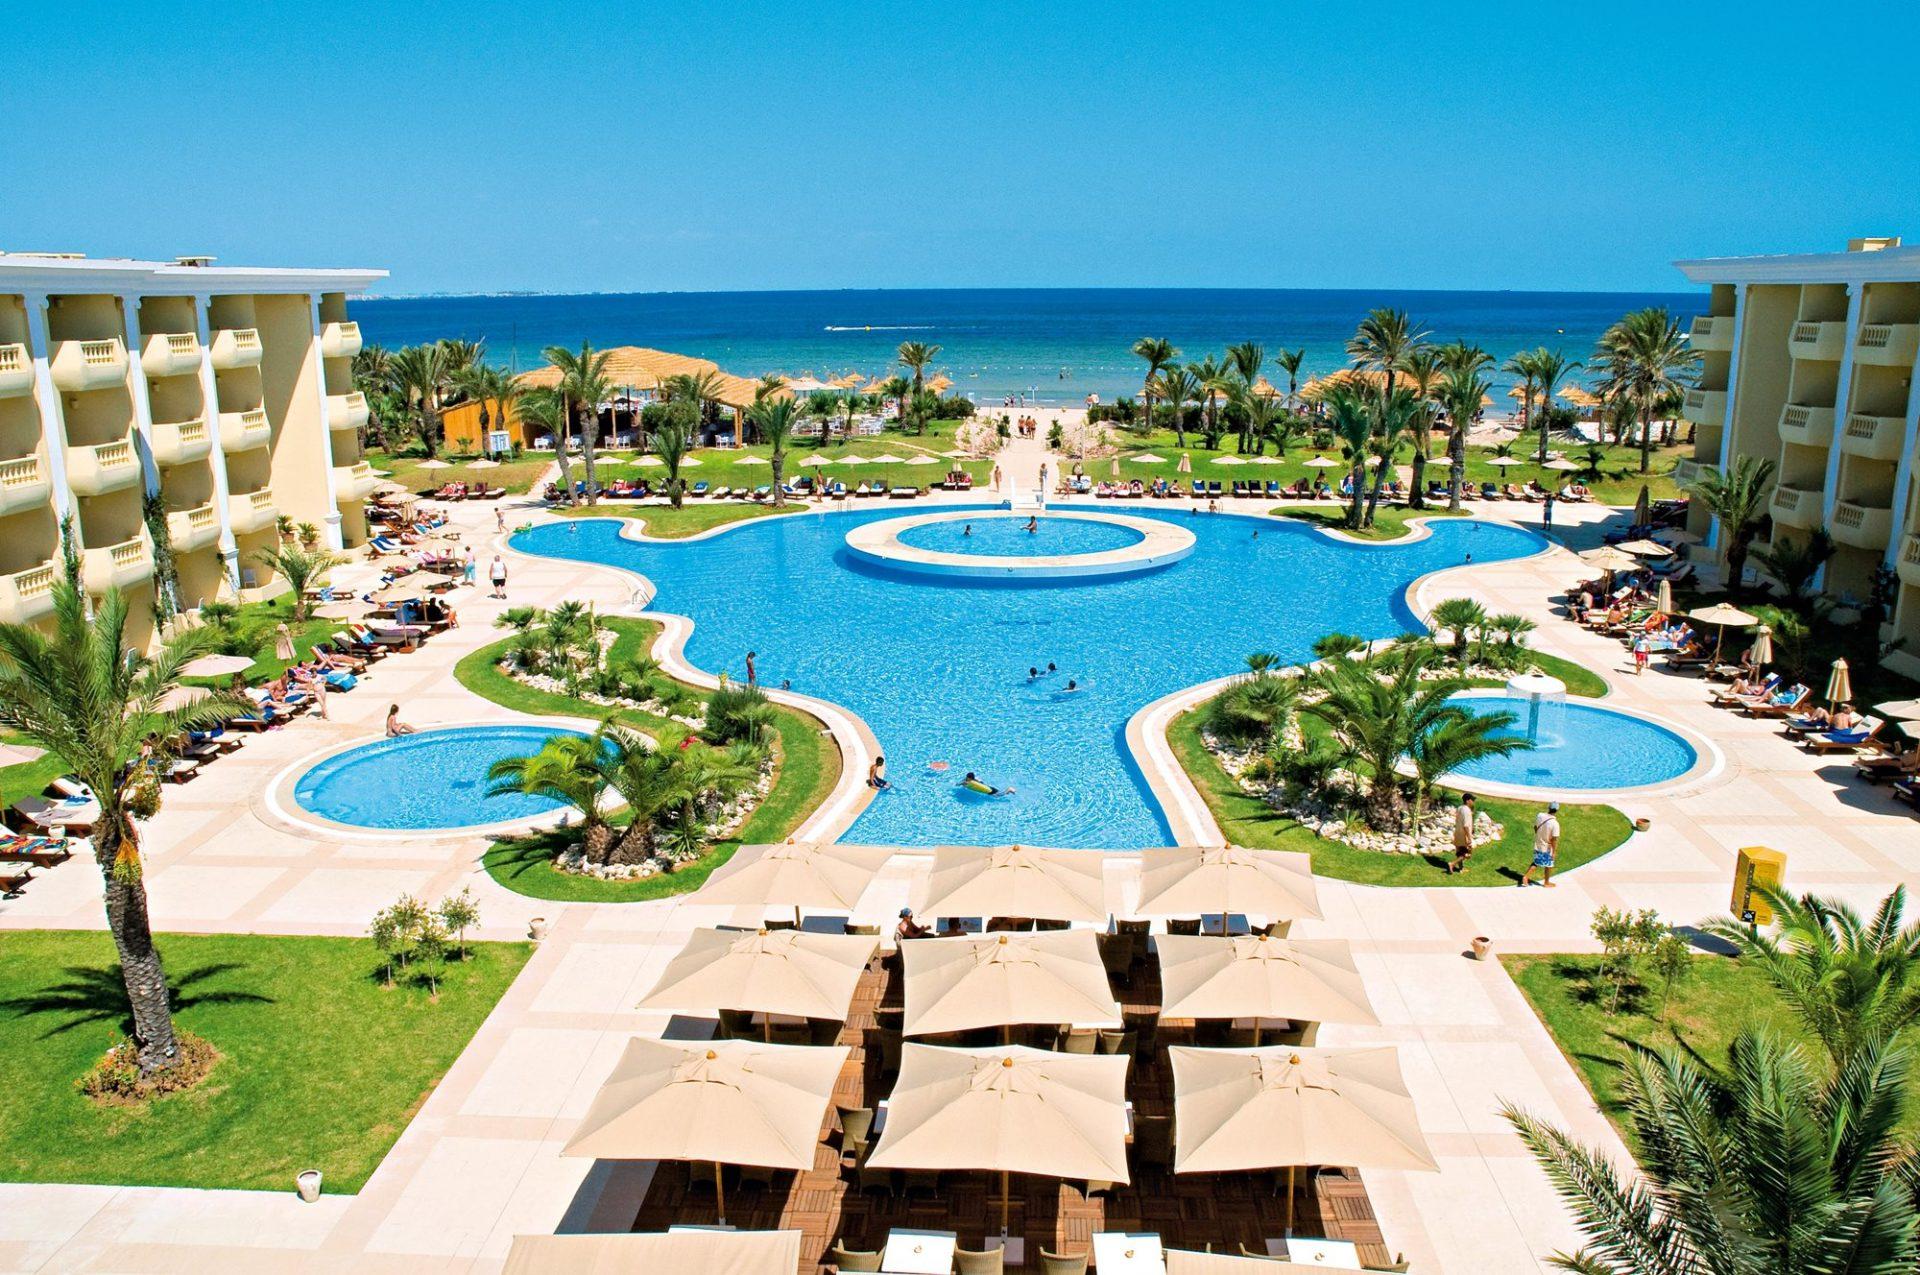 hotel, tunisia, africa, spiaggia, mare, sdraio, piscina, palme, estate, vacanze